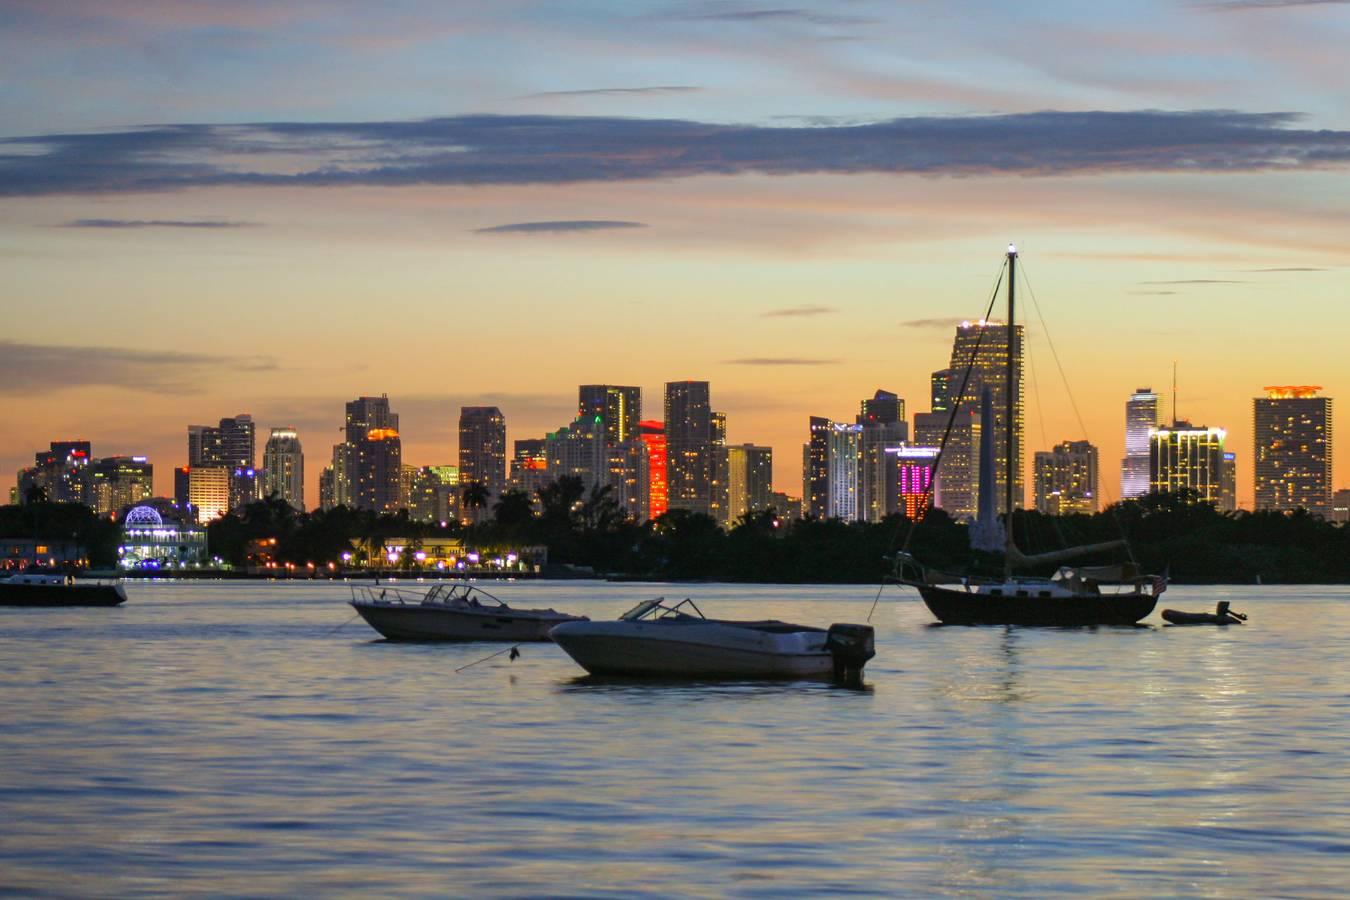 Bienvenidos a Miami - mesto, ktoré má čo ponúknuť